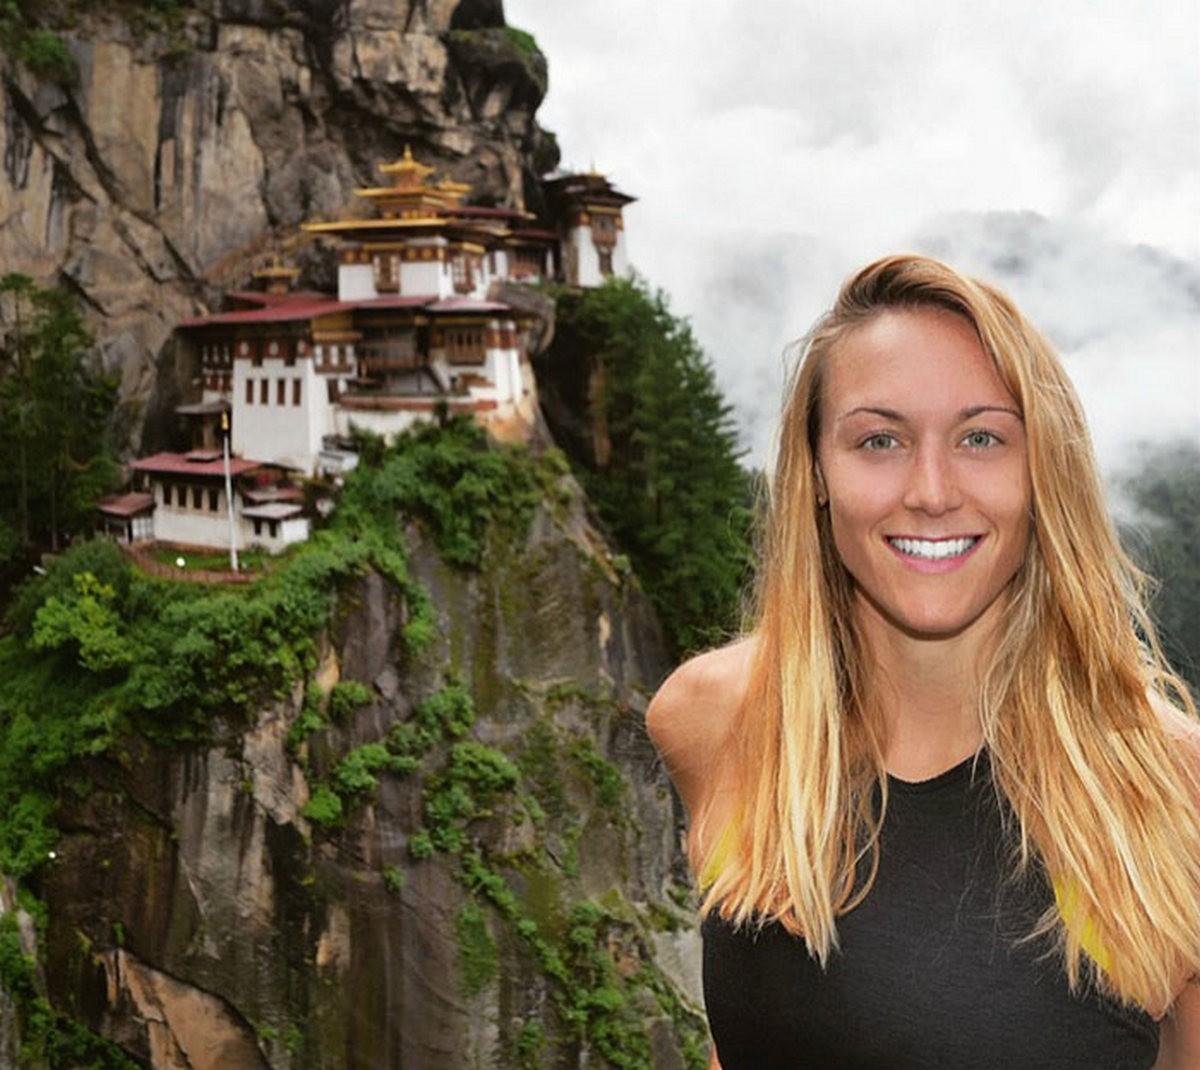 Эта 27-летняя девушка скоро станет первой женщиной, посетившей ВСЕ страны на земле